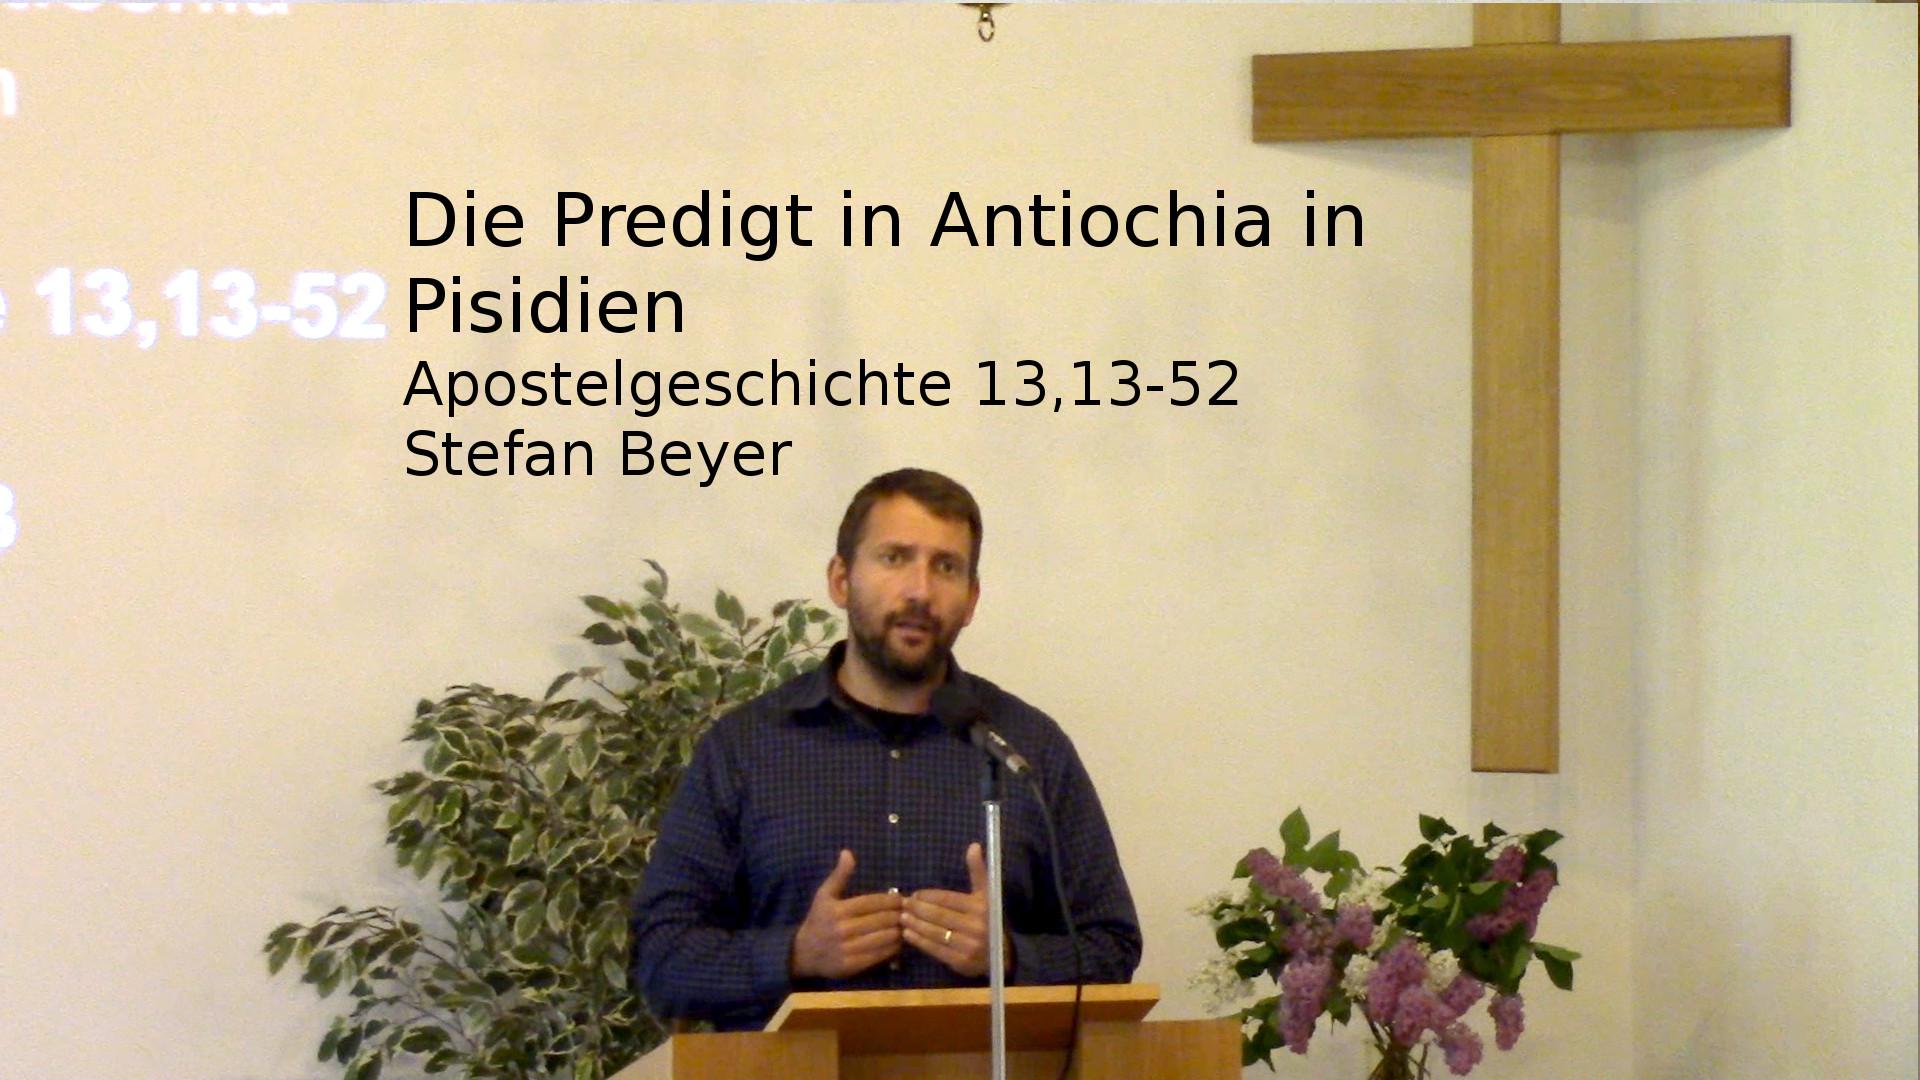 Apostelgeschichte 13:13-52 – Die Predigt in Antiochia in Pisidien